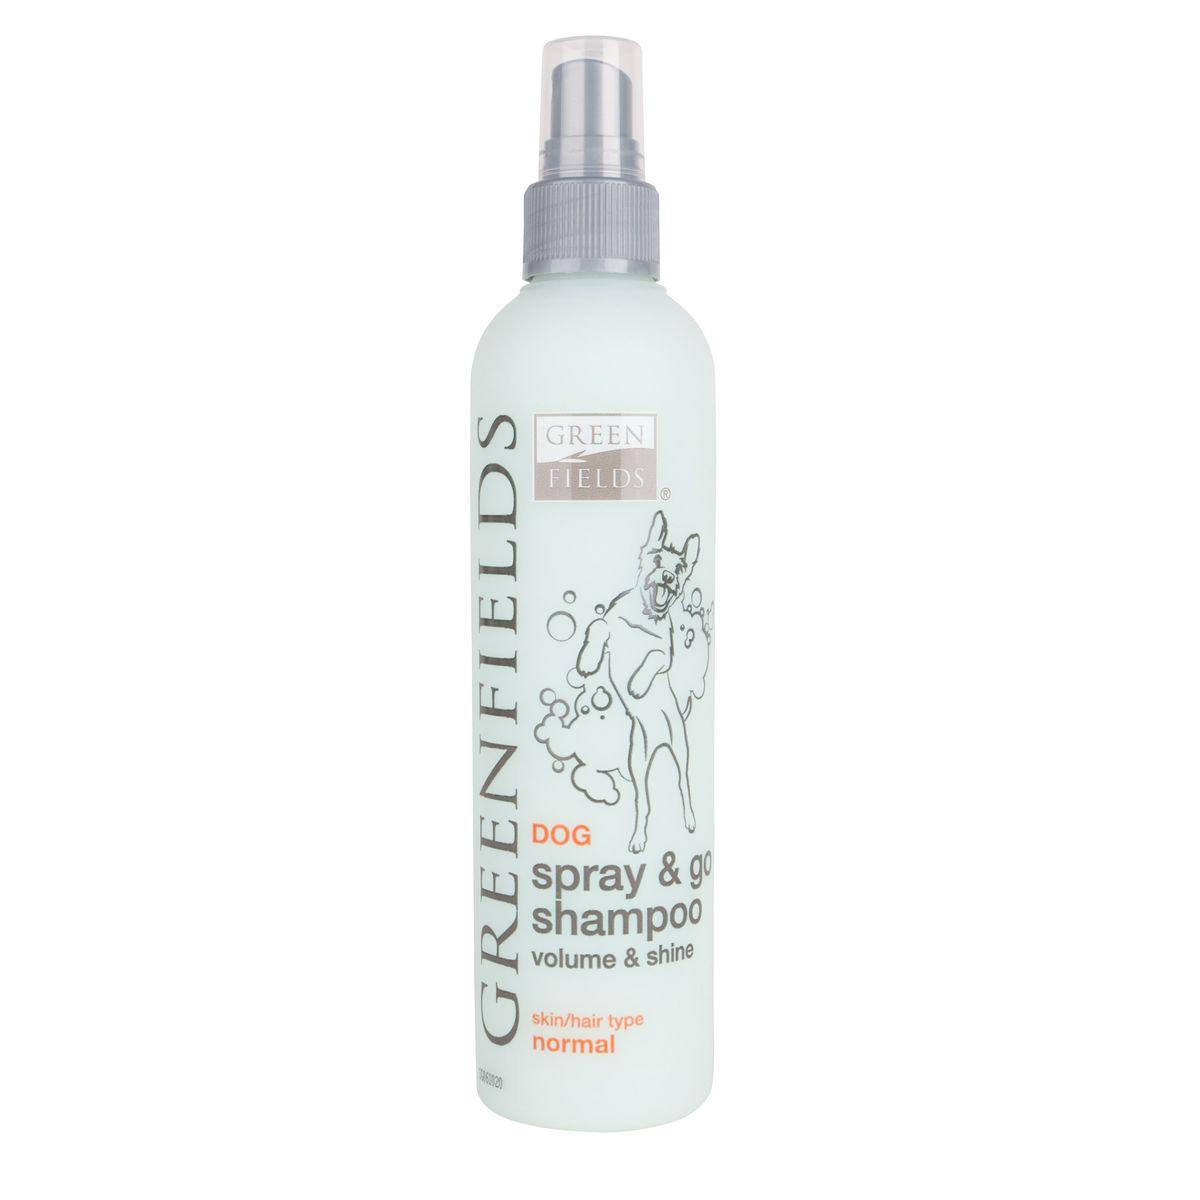 Greenfields Dog Spray & Go Shampoo